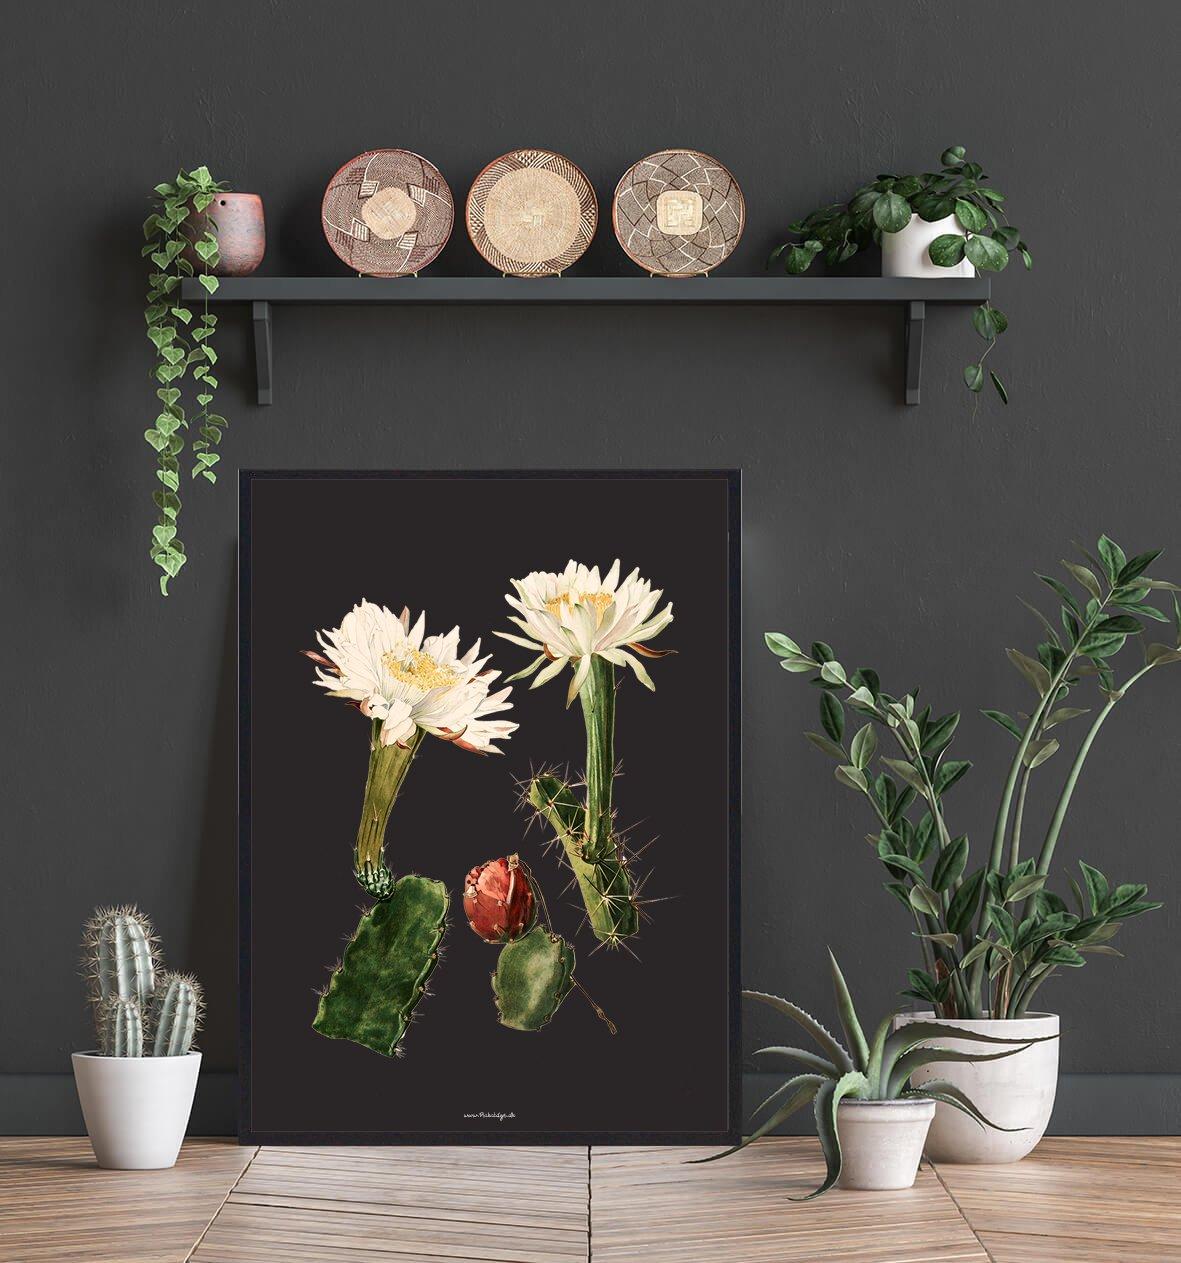 hvid-blomst-kaktus-2